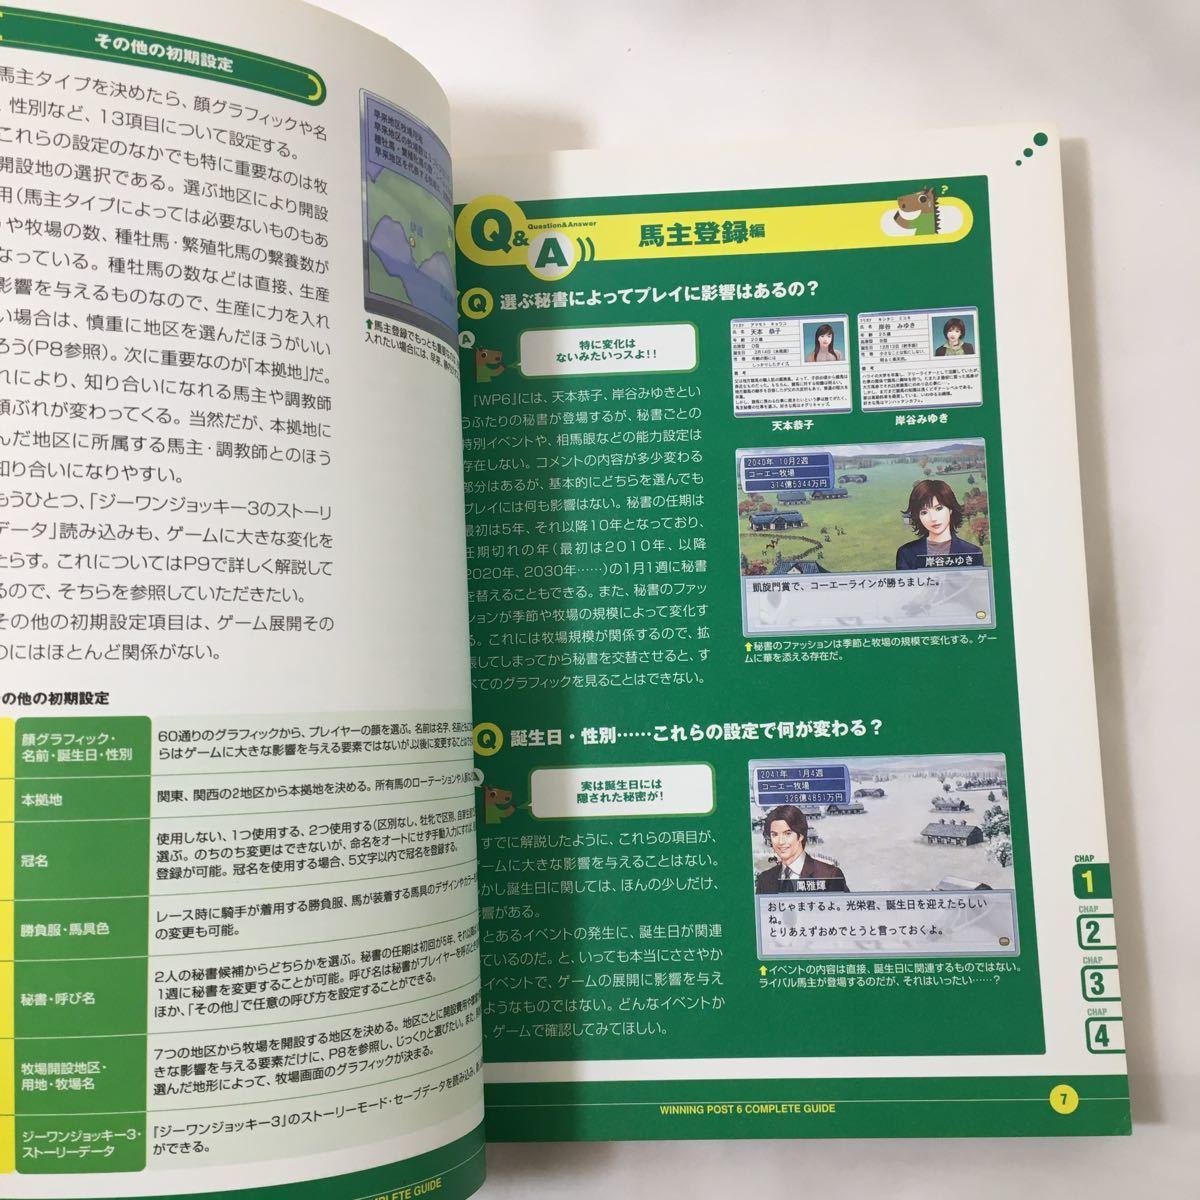 ウイニングポスト6 コンプリートガイド ノーギミック (編集), コーエー出版部 (編集) 2003/8/1  z-70